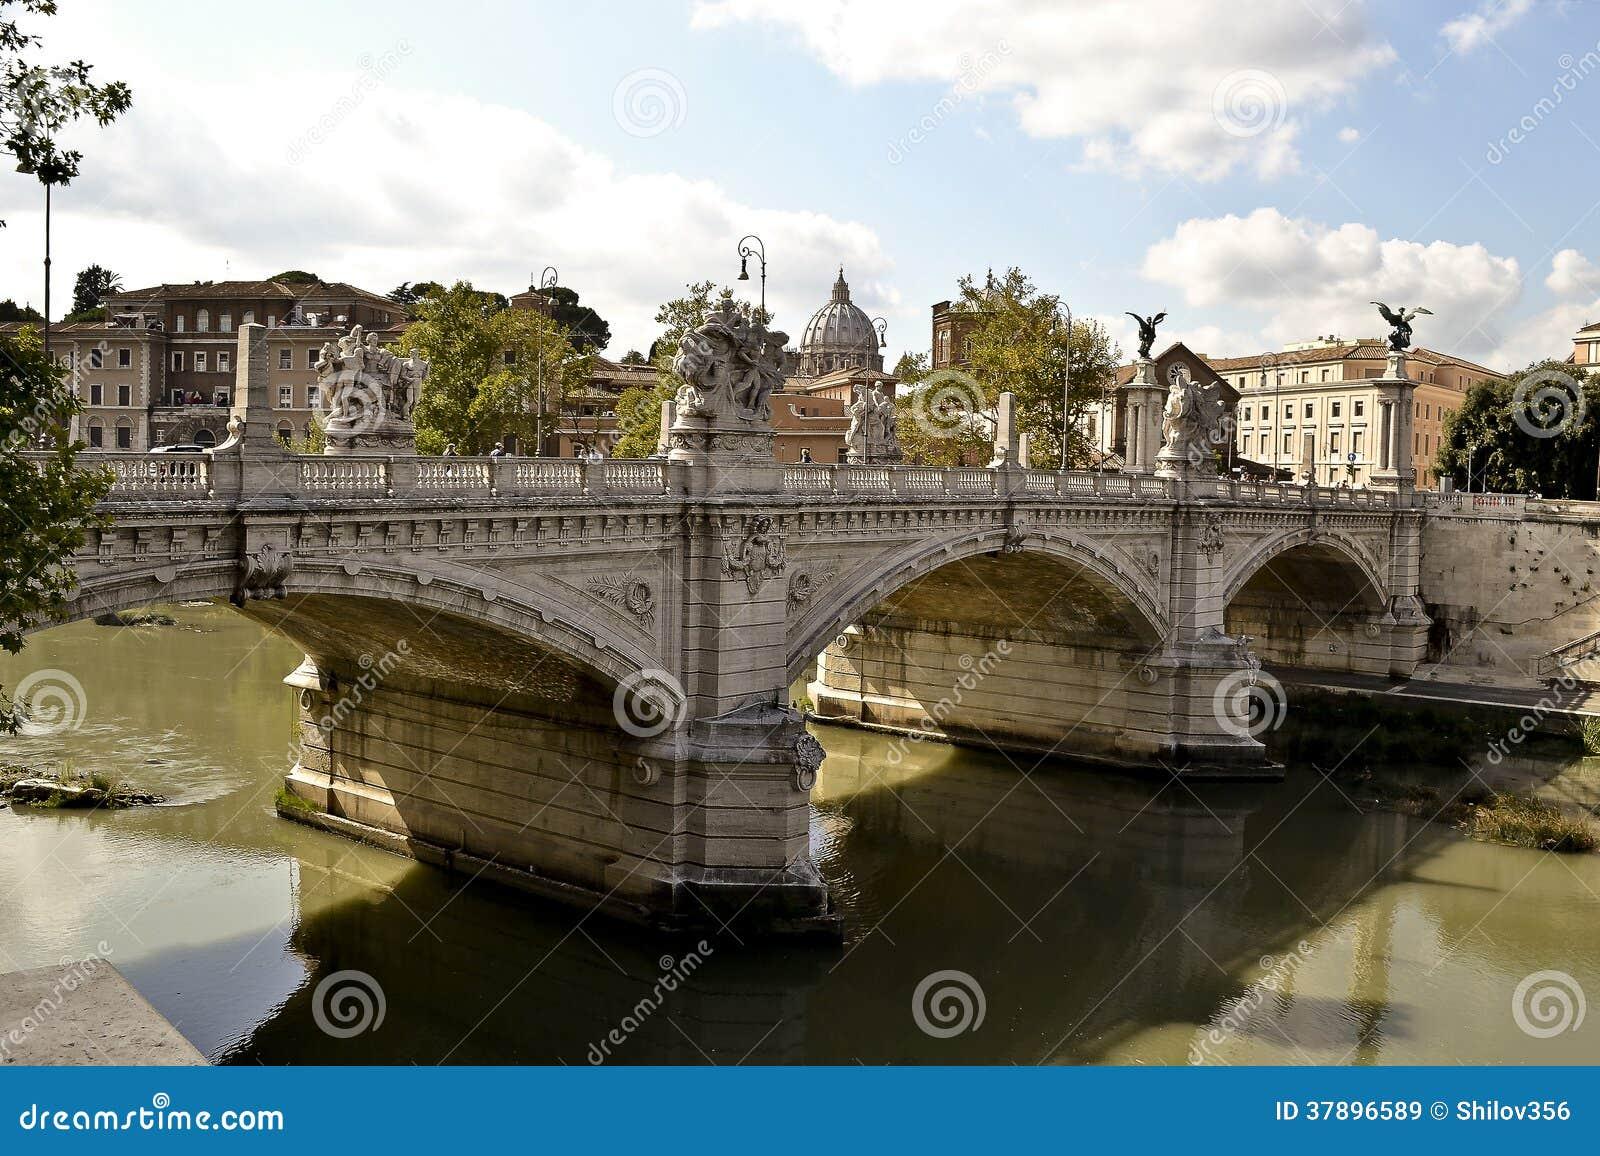 De Brug van Santangelo met de standbeelden van Bernini, Rome, Italië